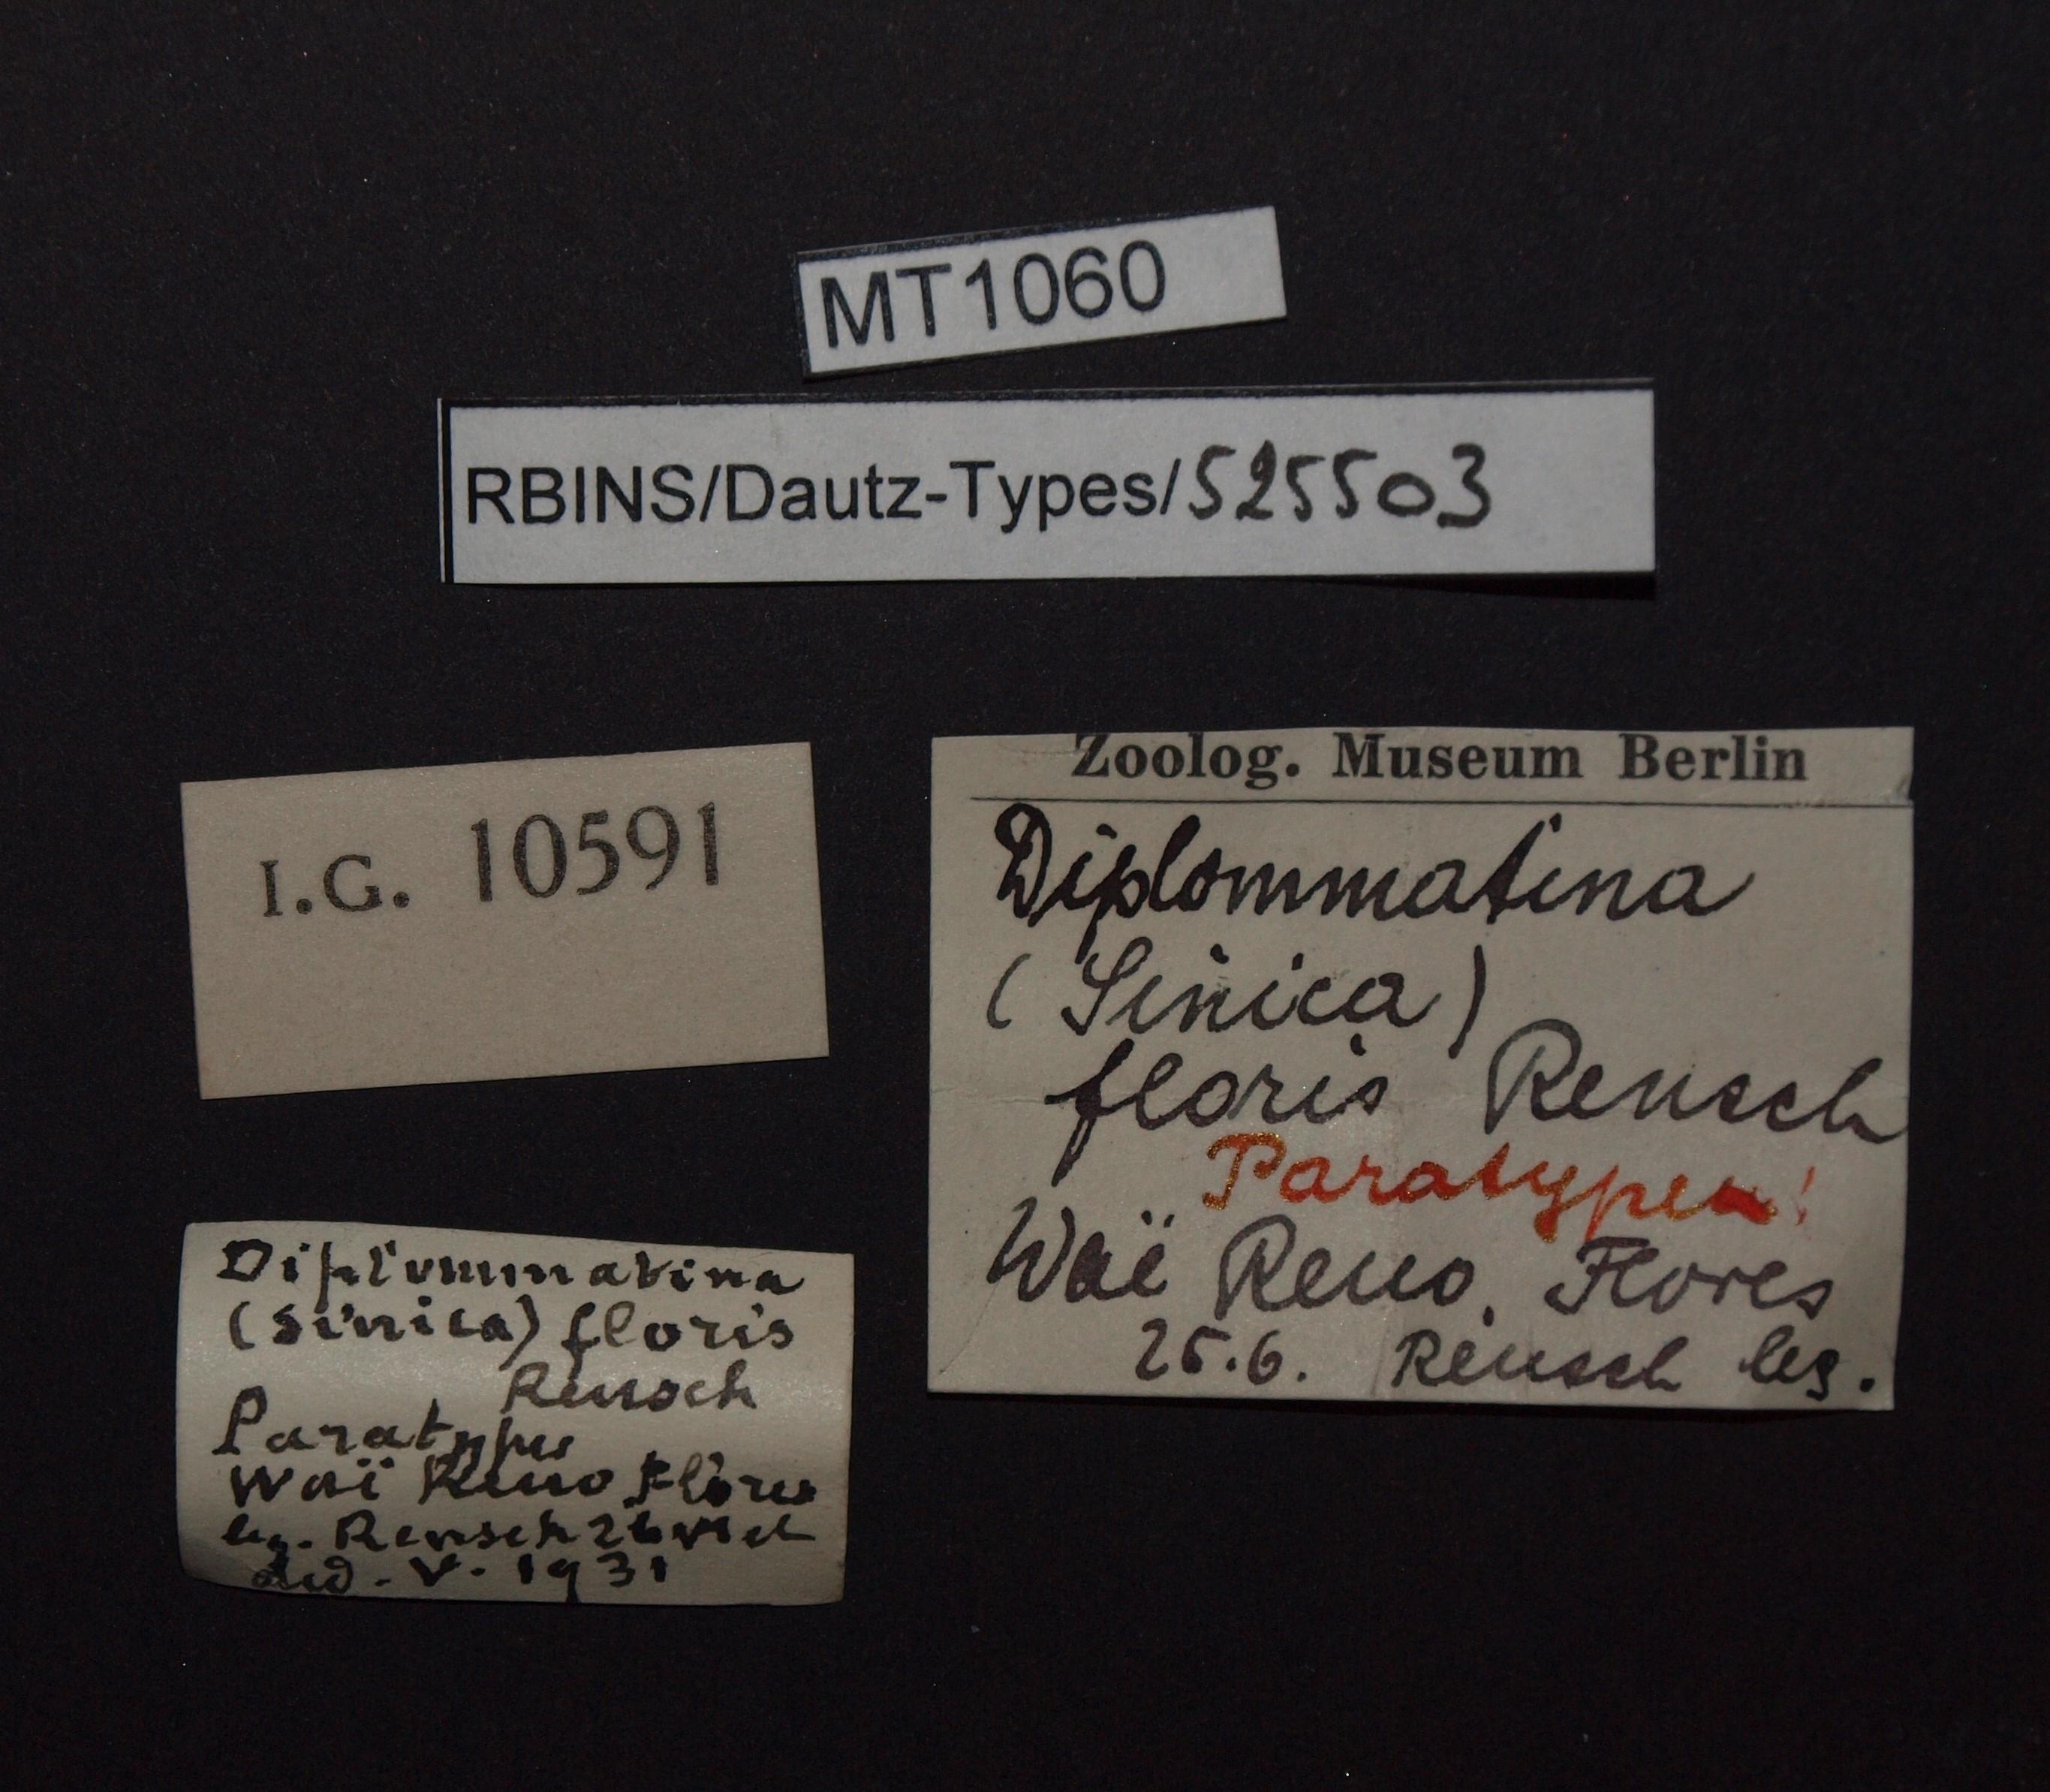 Diplommatina floris pt.JPG